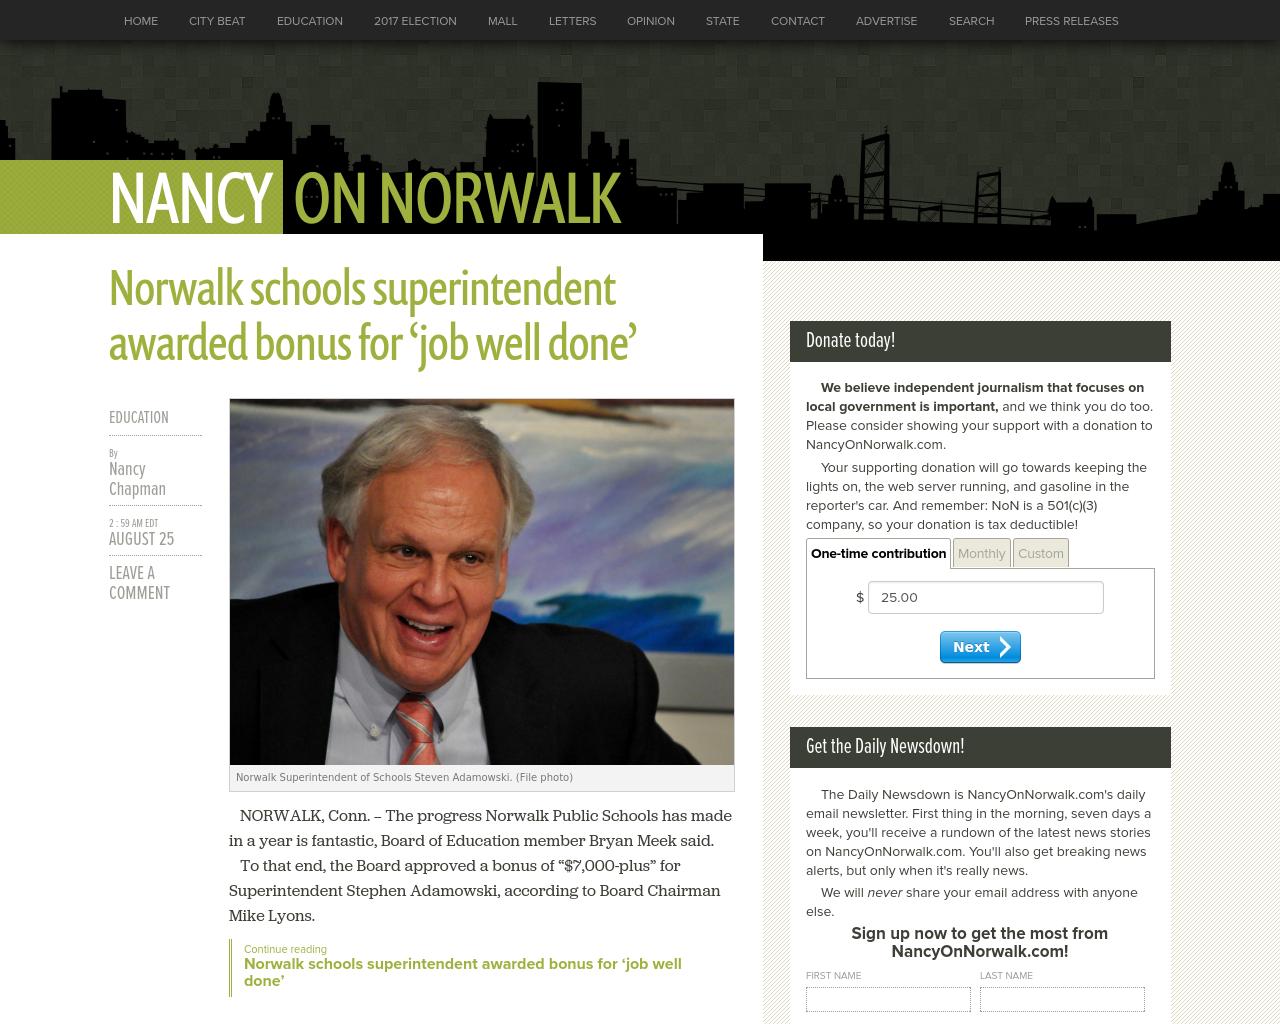 Nancy-On-Norwalk-Advertising-Reviews-Pricing